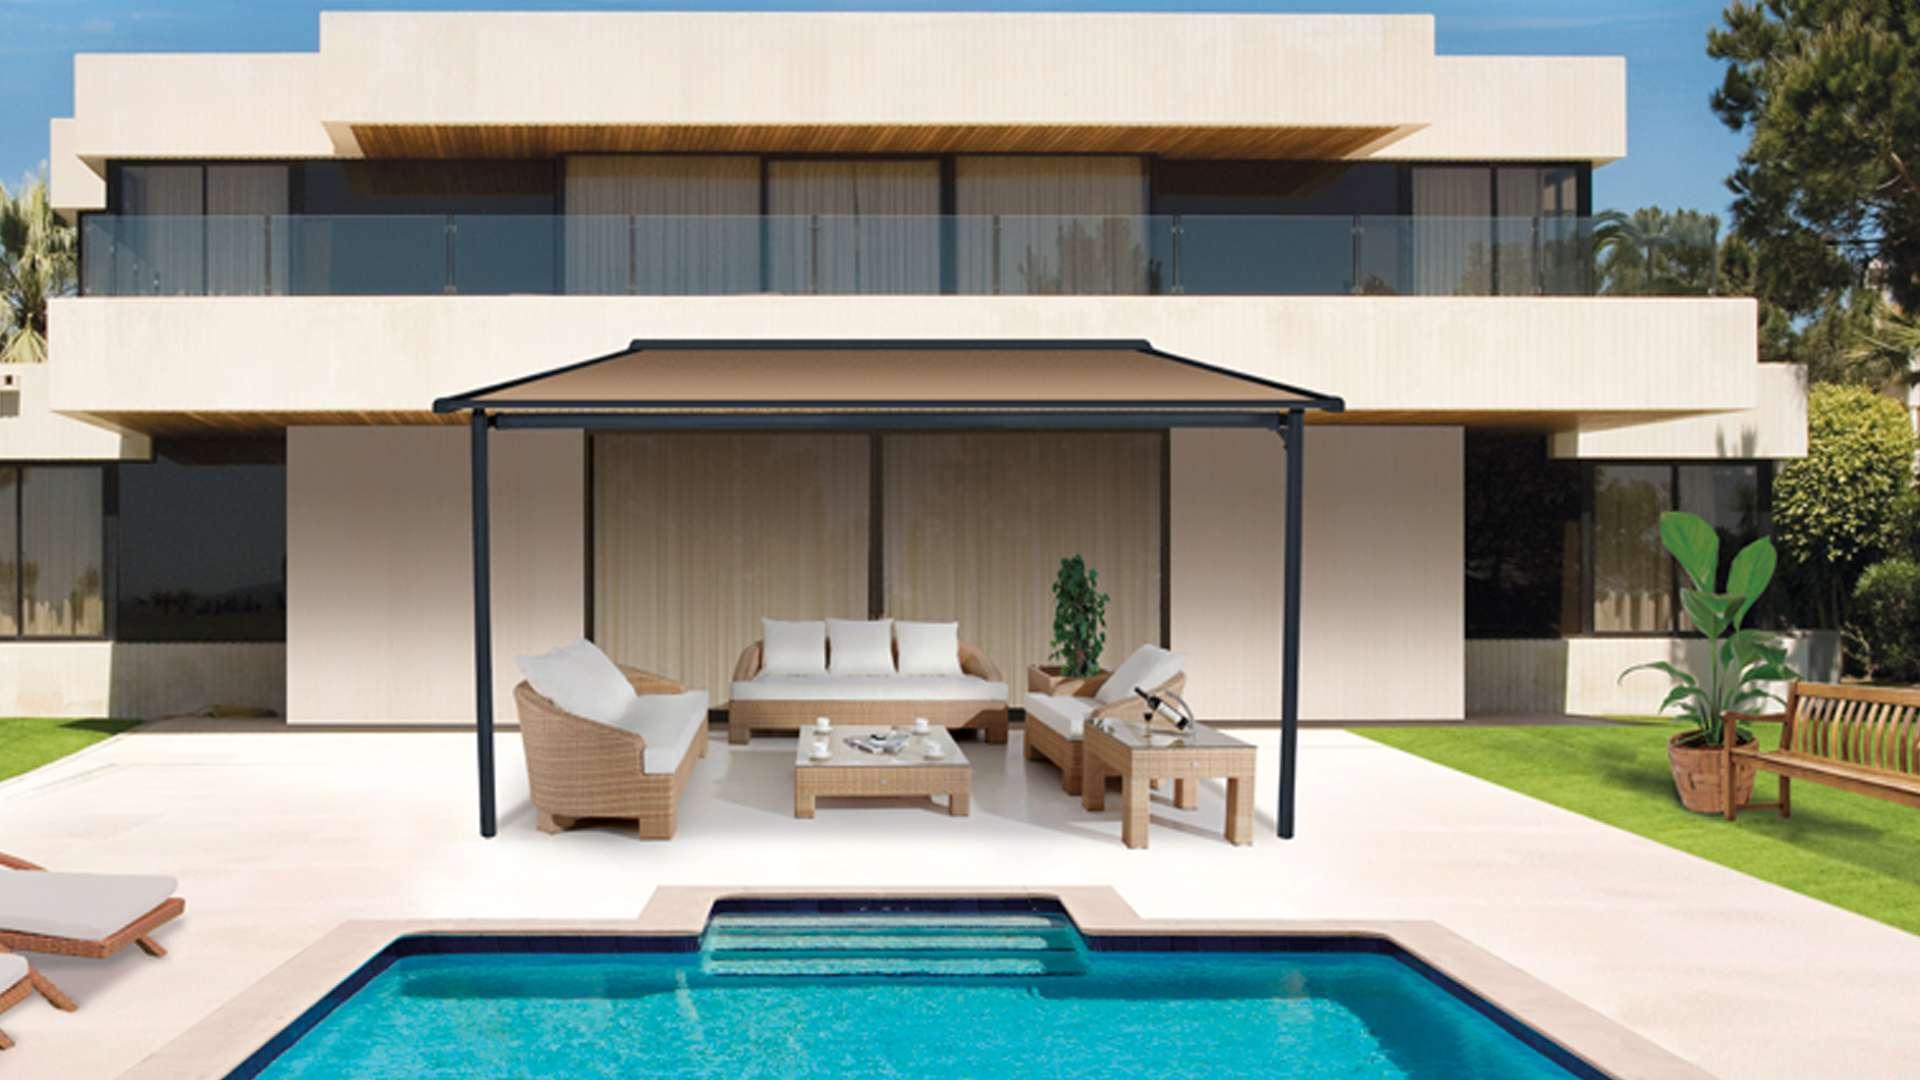 Markise an einem Wohnhaus mit Pool